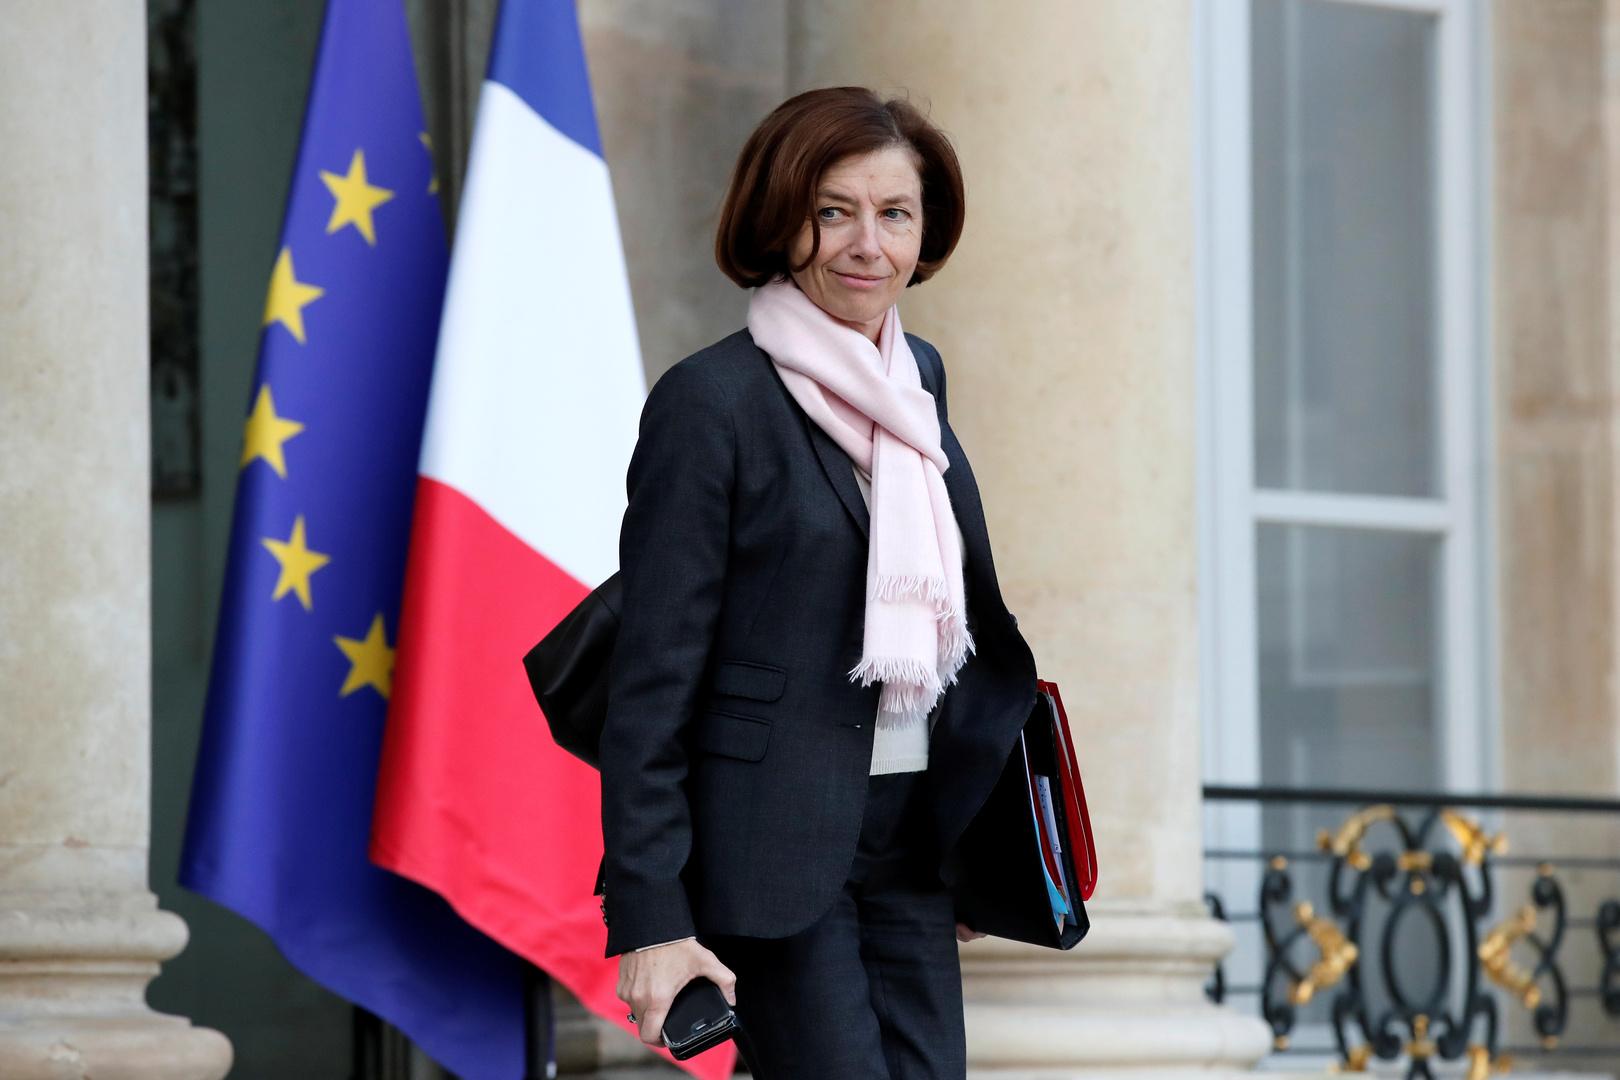 وزيرة الدفاع الفرنسية تدعو لحماية الاتفاق النووي مع إيران ومنع تصعيد التوتر